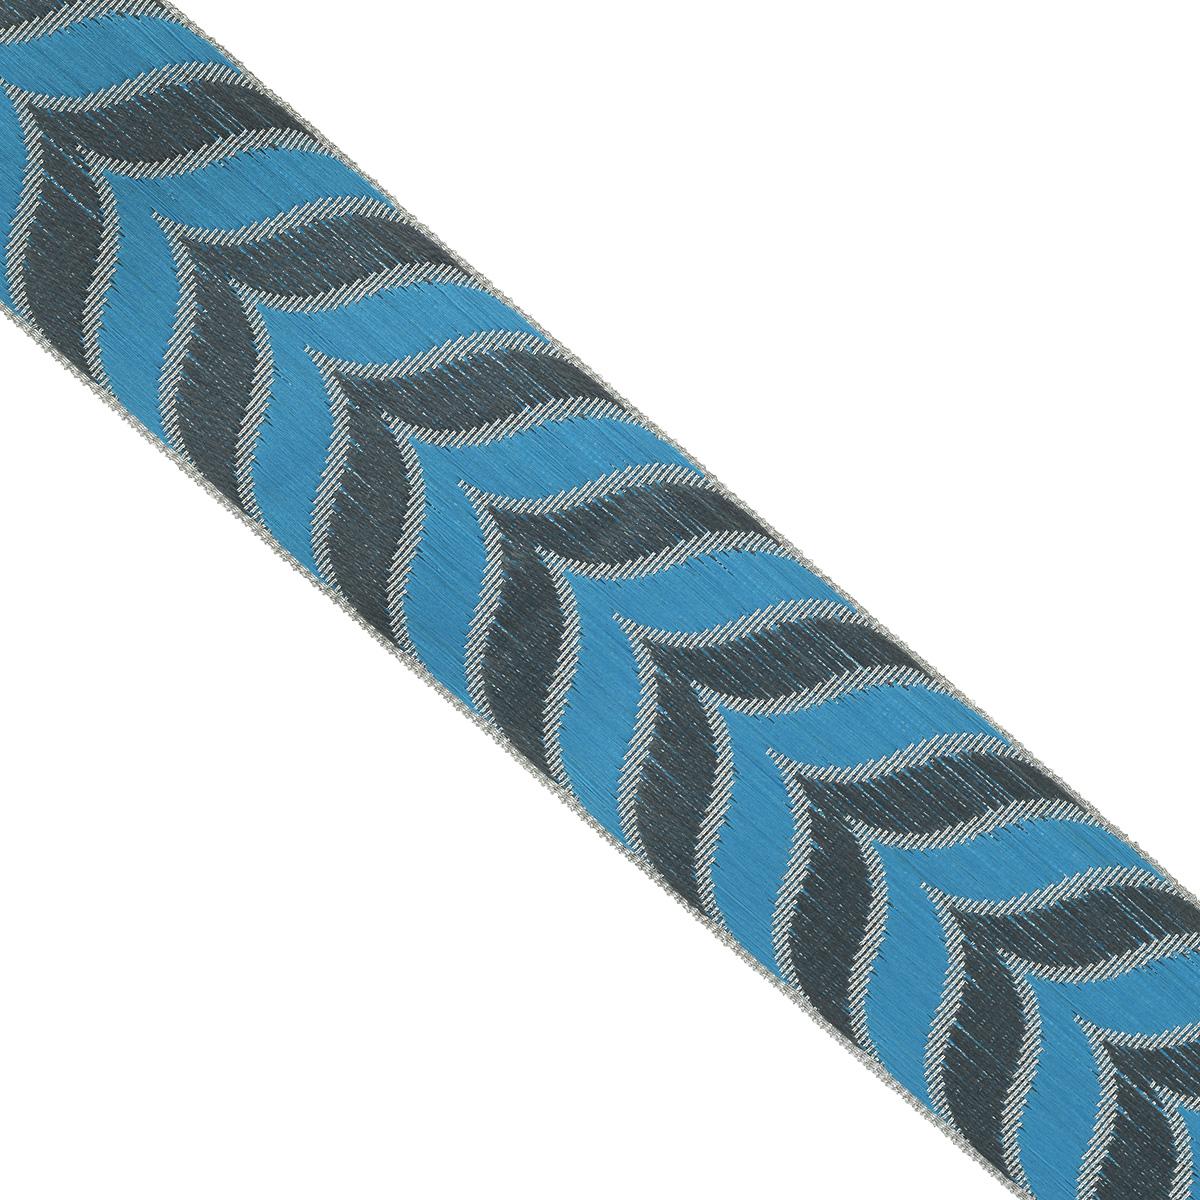 Тесьма декоративная Астра, цвет: голубой, ширина 4 см, длина 9 м. 77034597703459_серебро/35/72Декоративная тесьма Астра выполнена из текстиля и оформлена оригинальным жаккардовым орнаментом. Такая тесьма идеально подойдет для оформления различных творческих работ таких, как скрапбукинг, аппликация, декор коробок и открыток и многое другое. Тесьма наивысшего качества и практична в использовании. Она станет незаменимым элементом в создании рукотворного шедевра. Ширина: 4 см. Длина: 9 м.